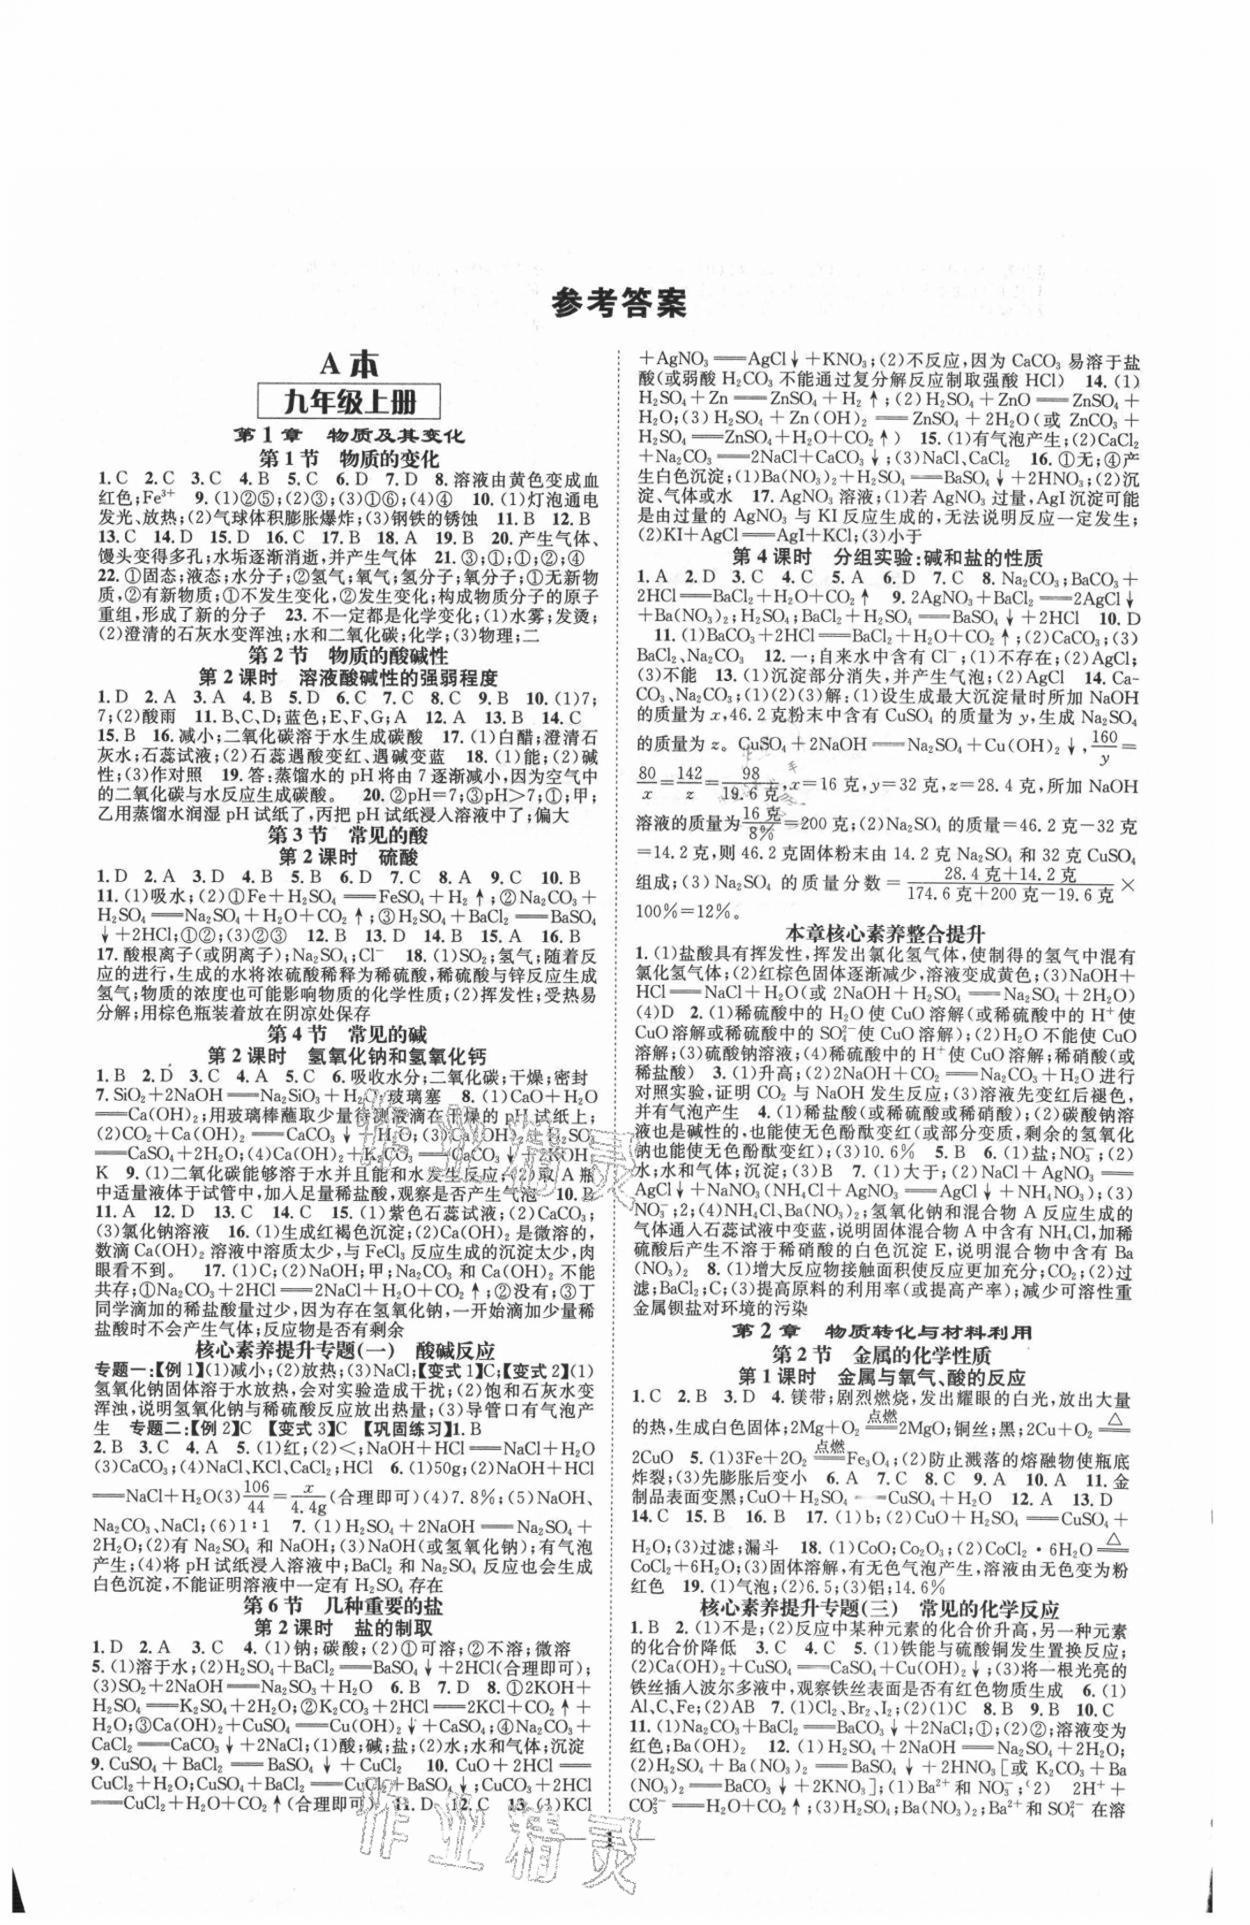 2021年智慧学堂九年级科学浙江专版